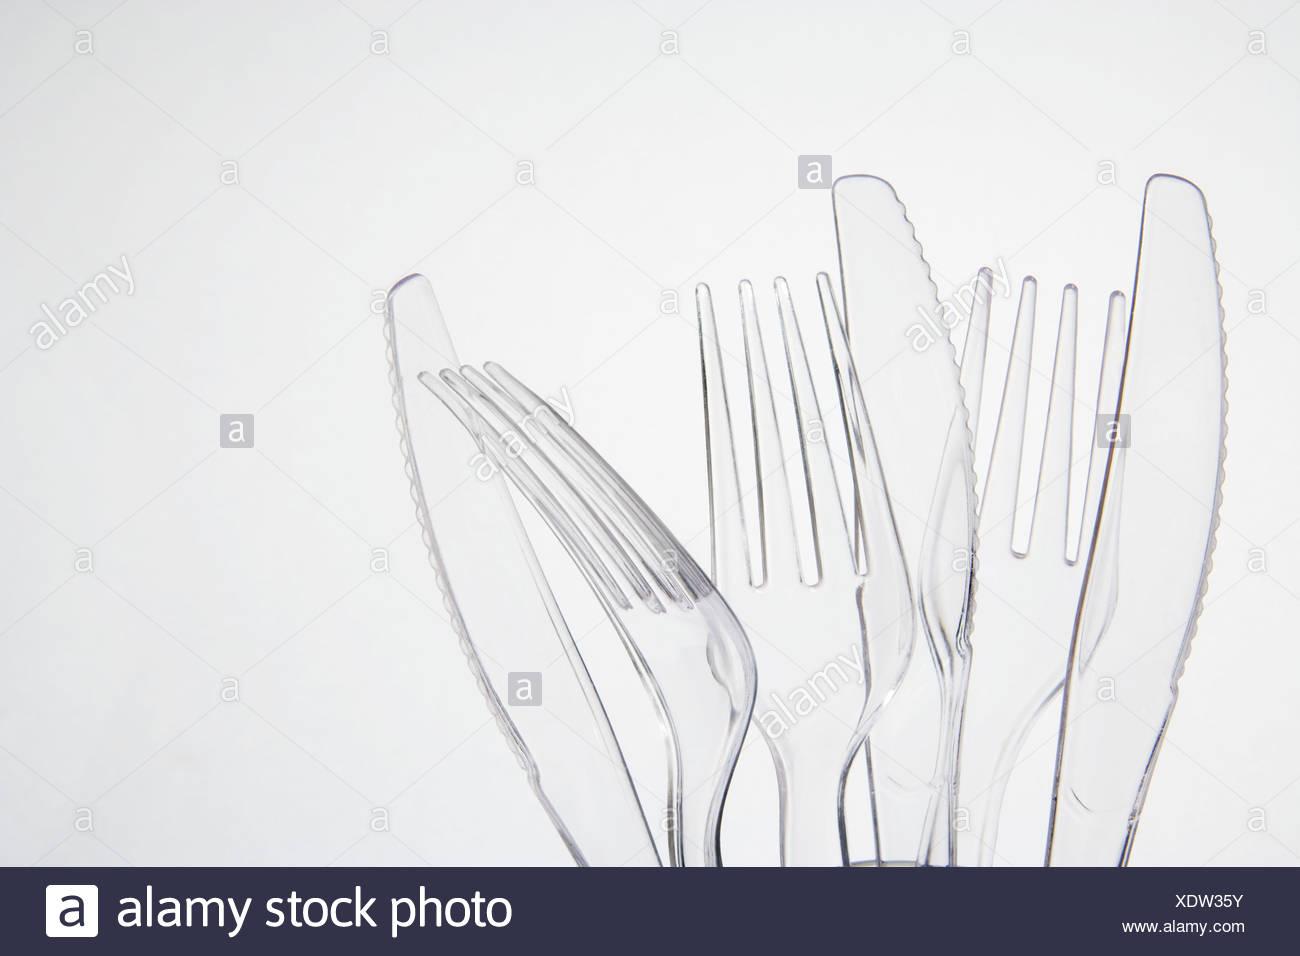 Cubiertos de plástico Imagen De Stock